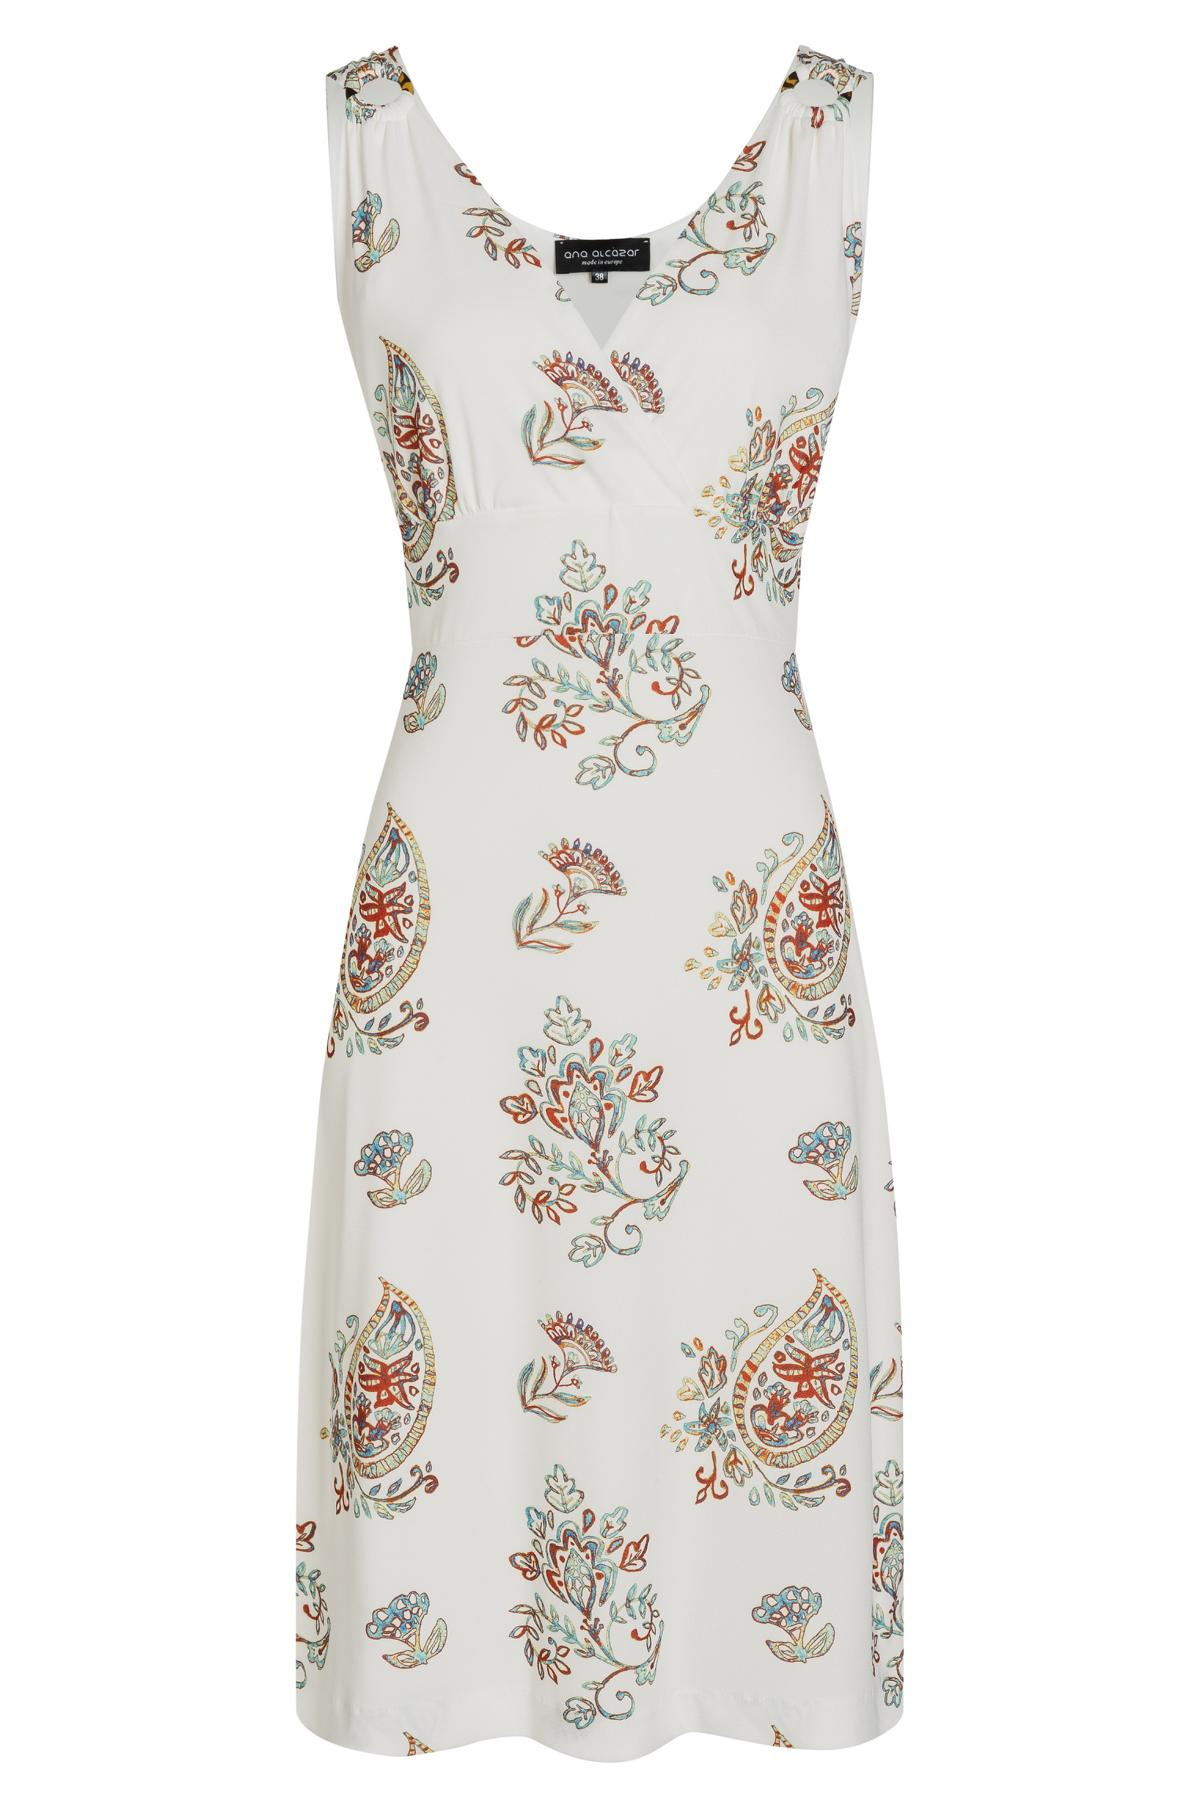 Ana Alcazar Tailliertes Kleid Tesmy